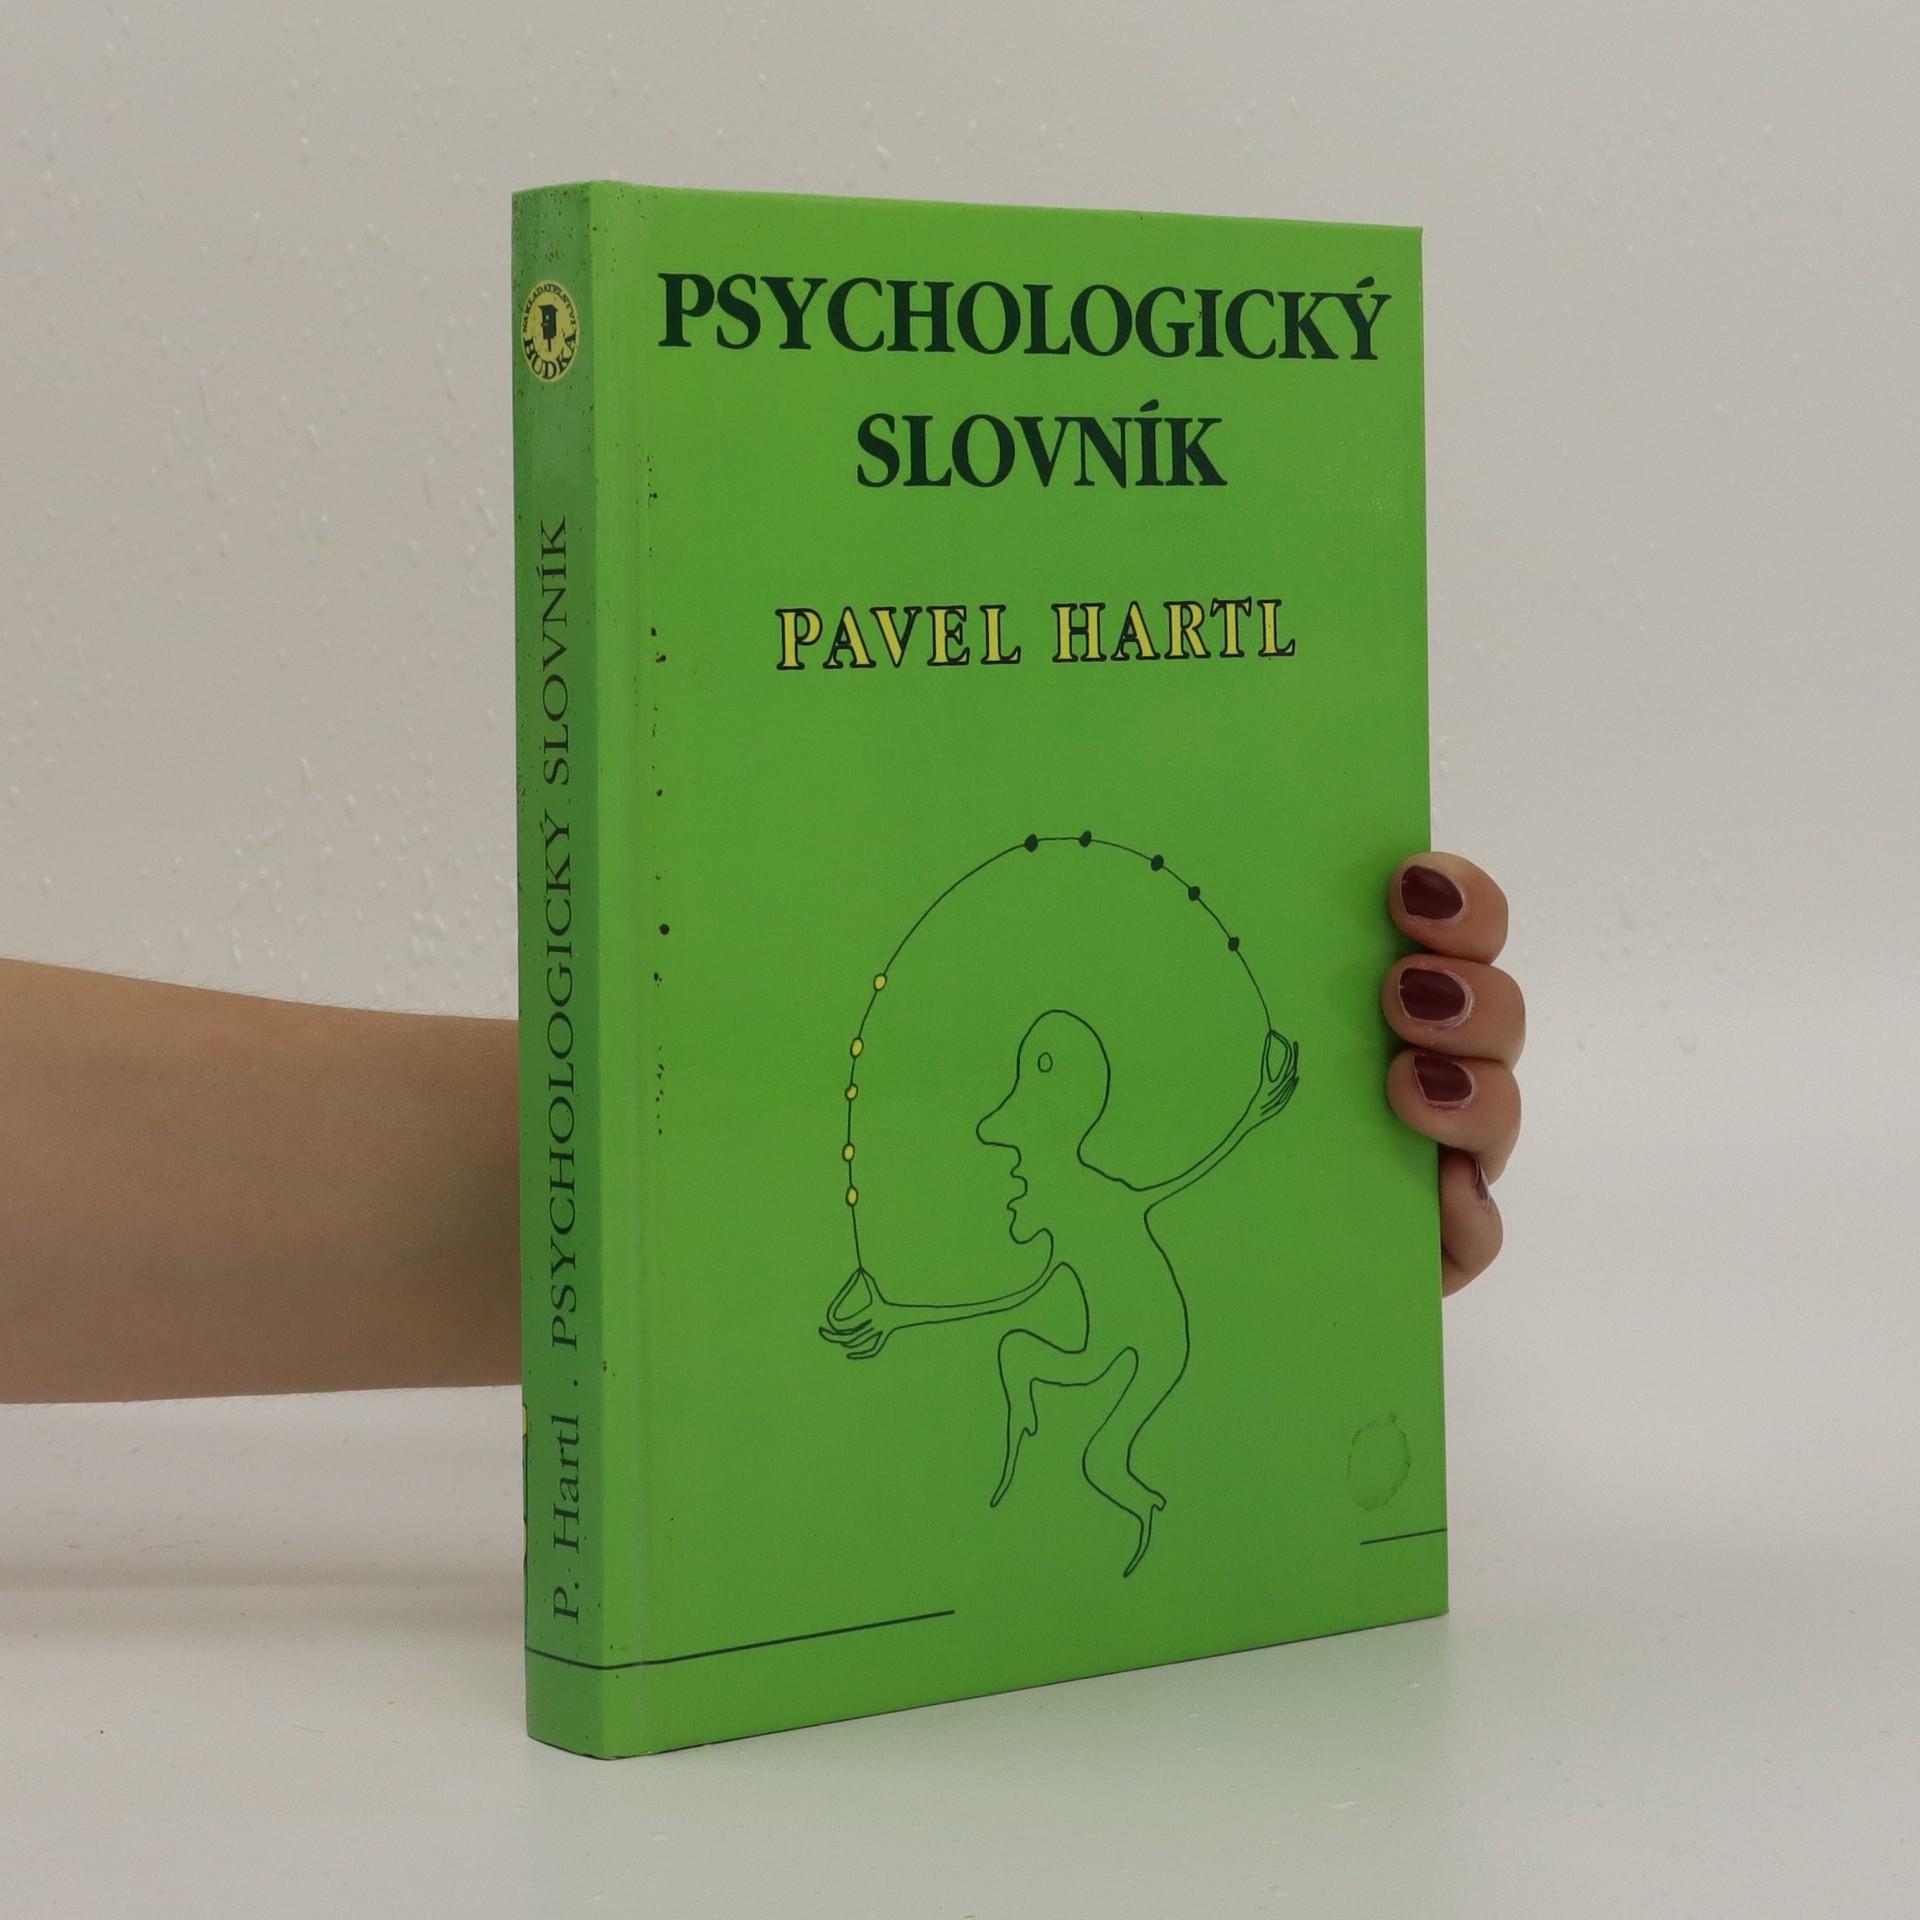 antikvární kniha Psychologický slovník, 1993